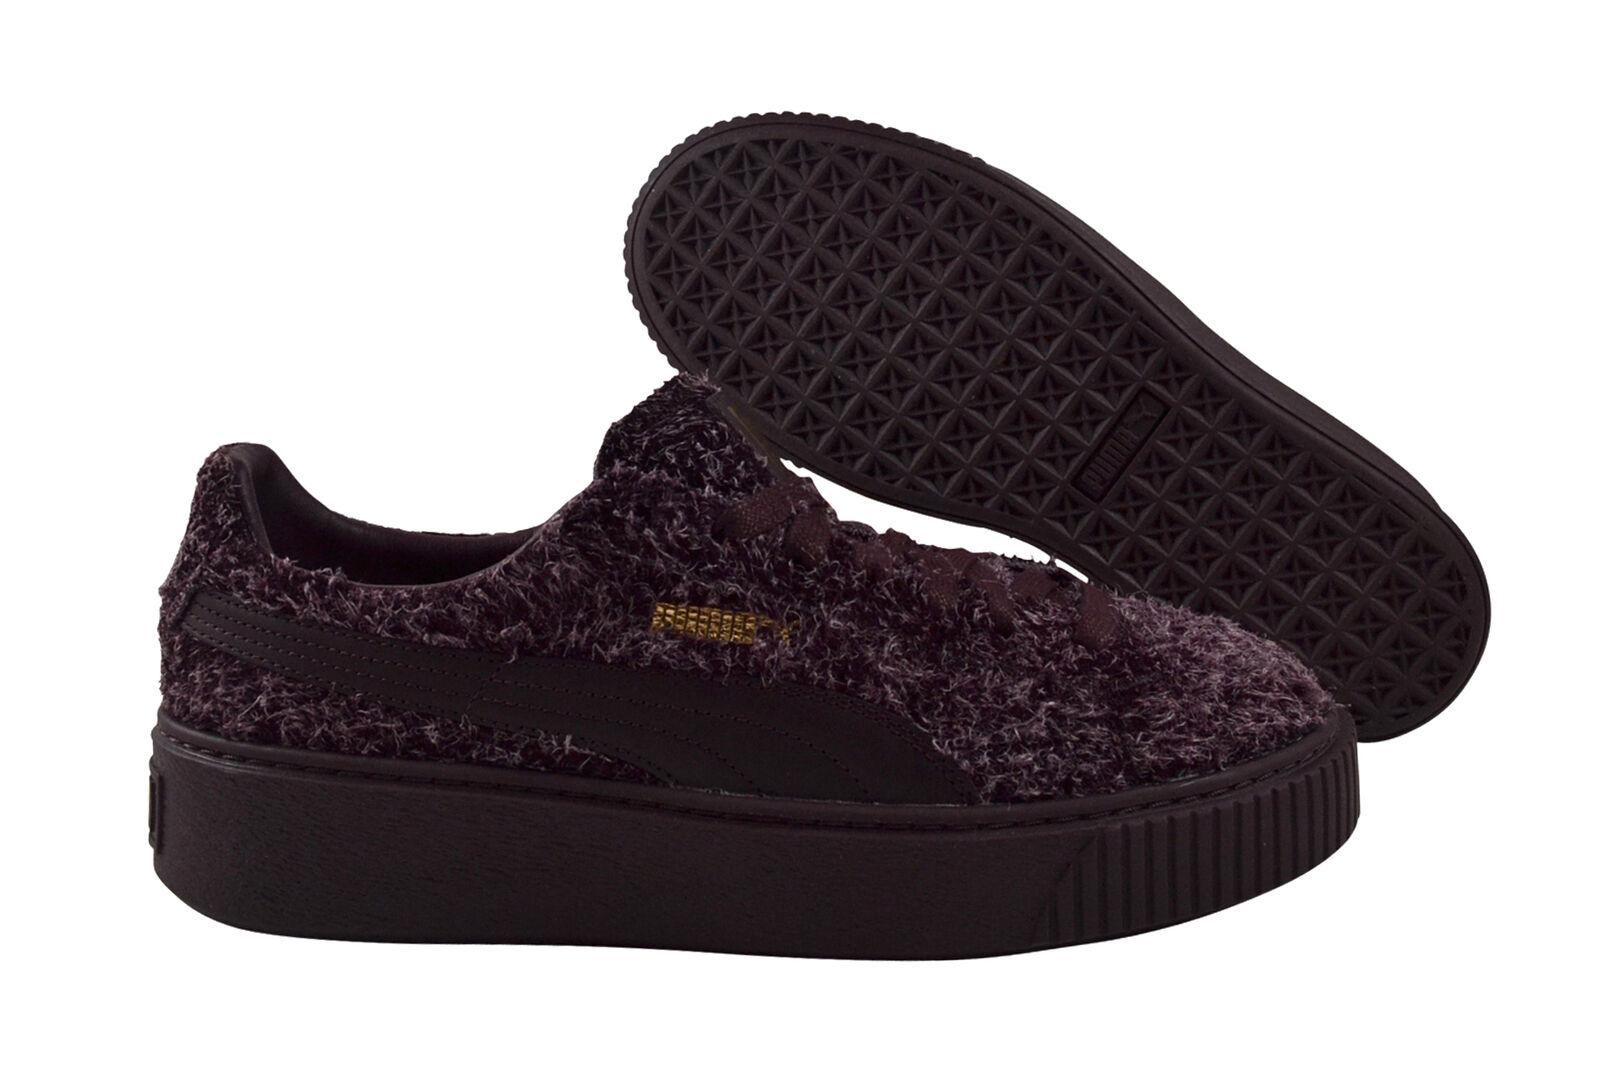 Puma suede Platform elemental winetasting cortos zapatos burdeos burdeos burdeos 362224 03  el estilo clásico